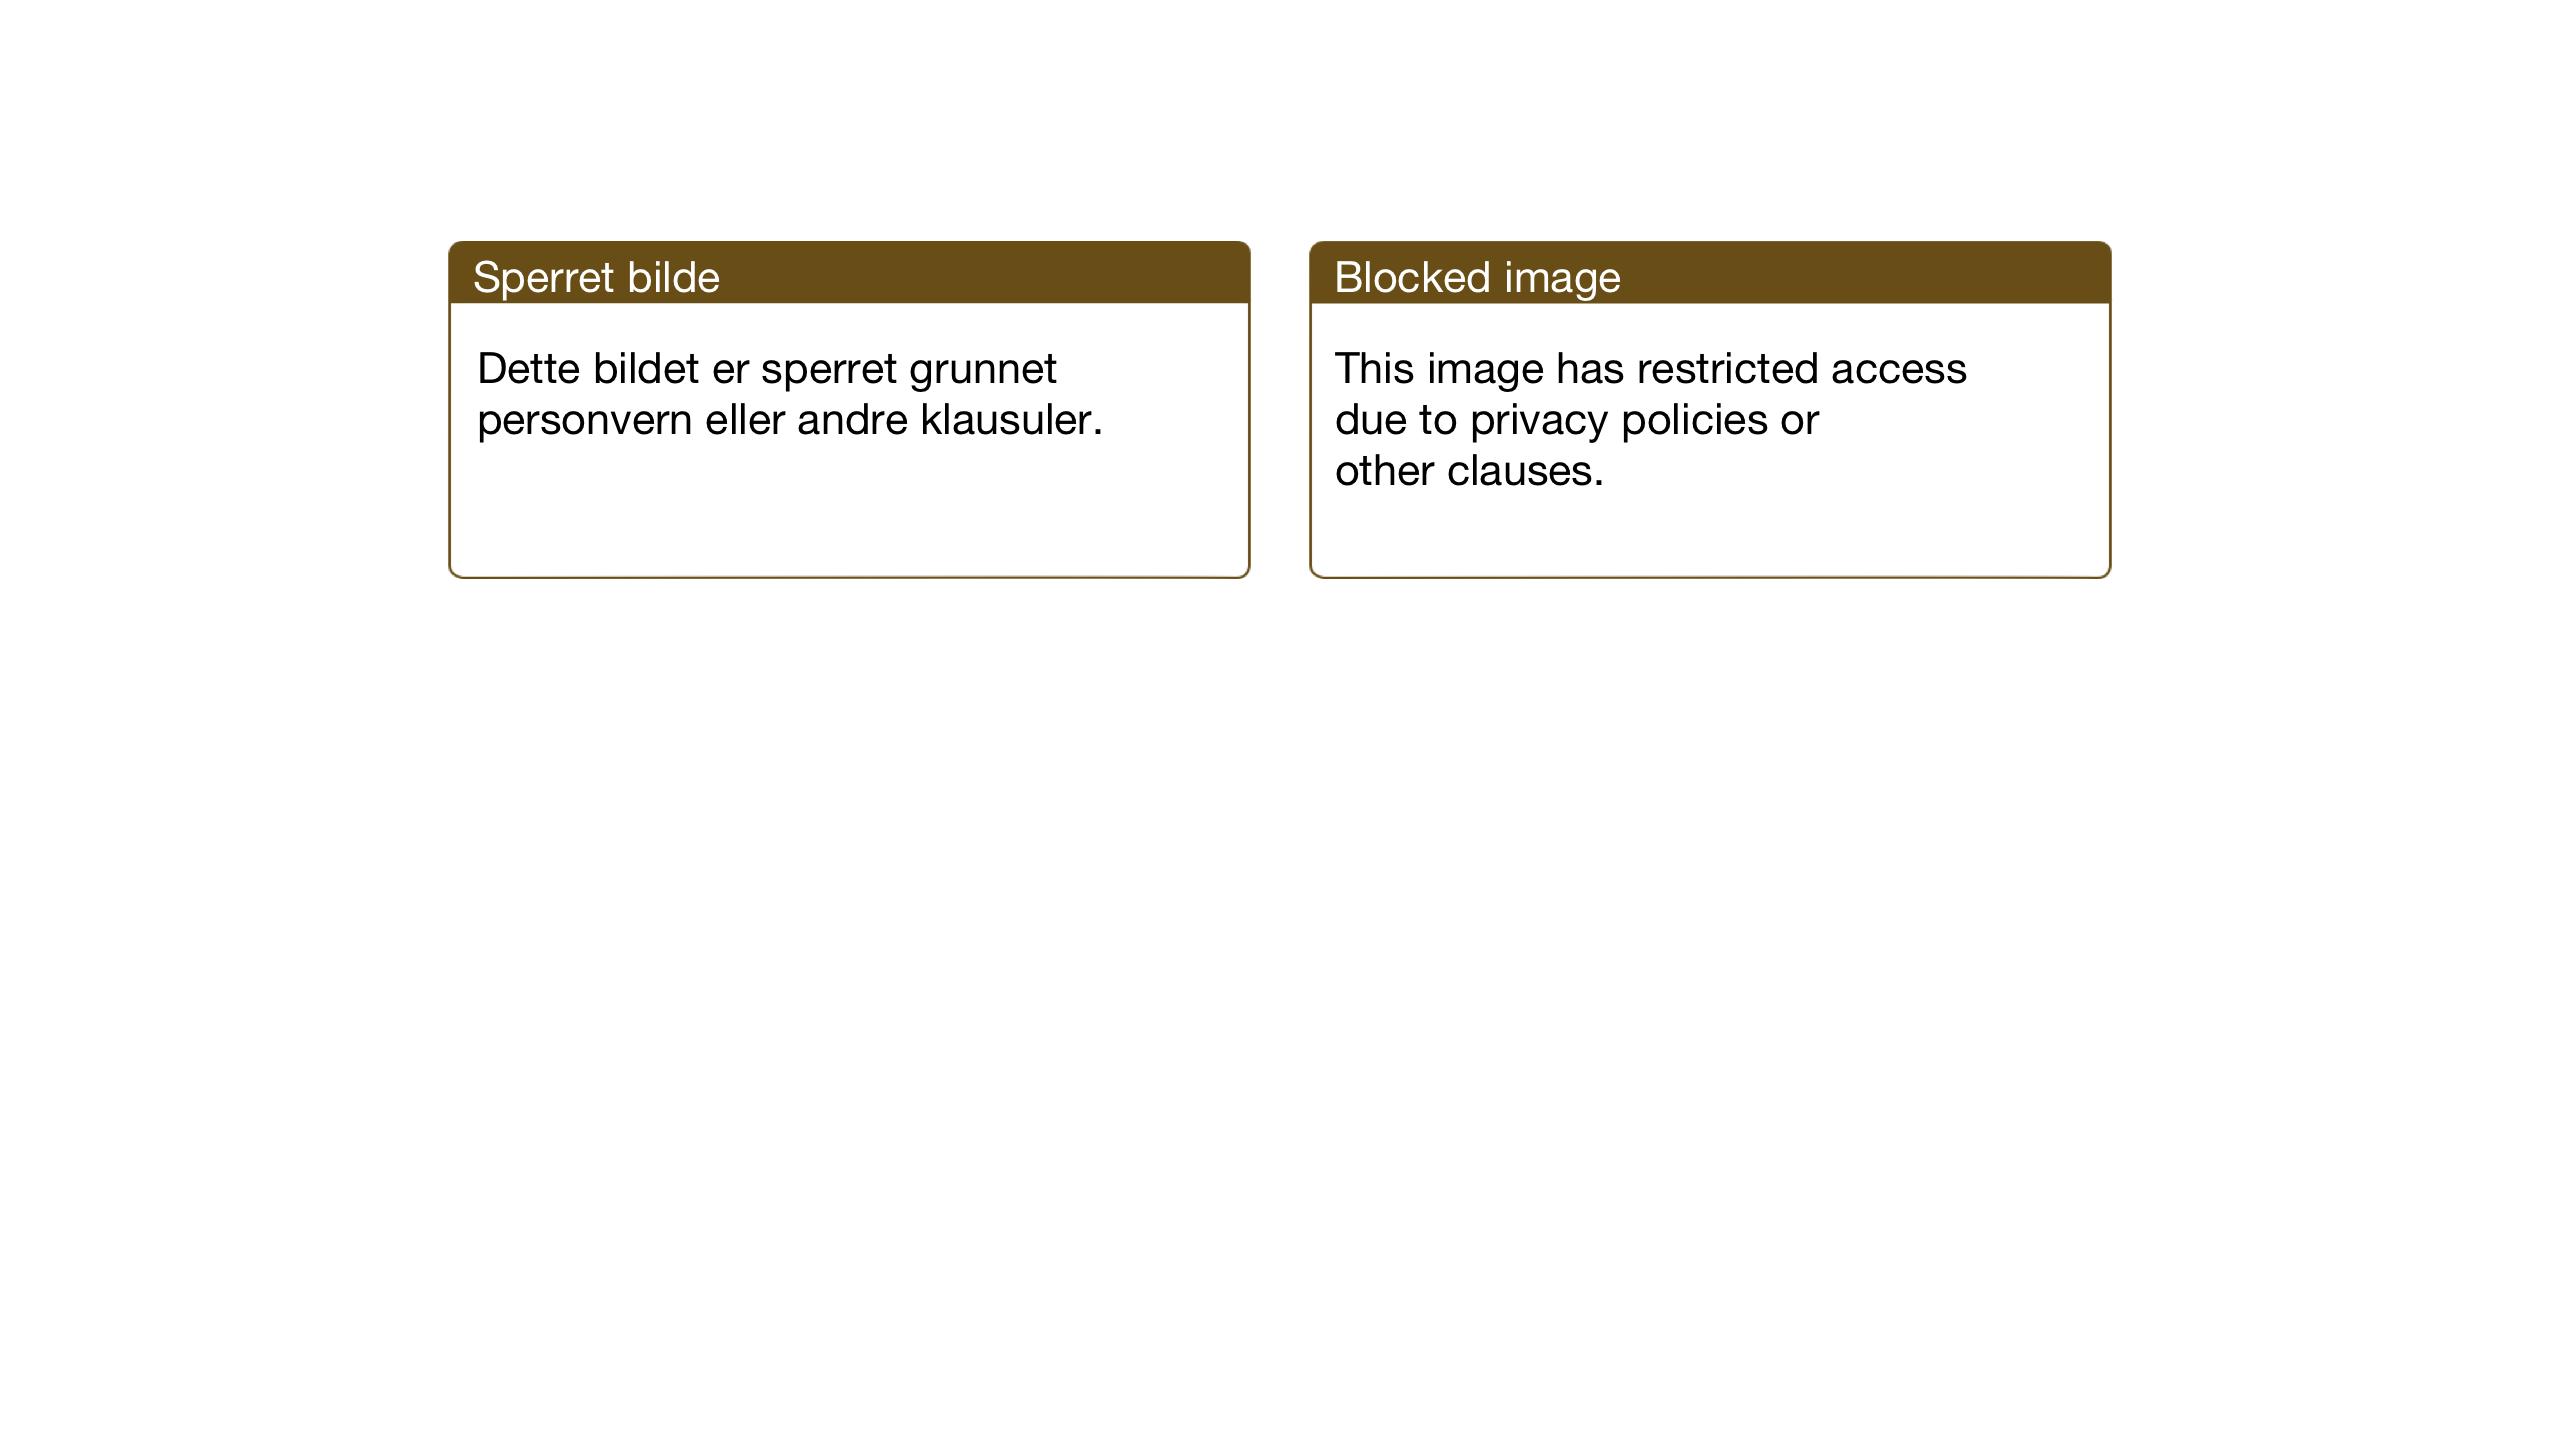 SAT, Ministerialprotokoller, klokkerbøker og fødselsregistre - Nord-Trøndelag, 755/L0500: Klokkerbok nr. 755C01, 1920-1962, s. 100